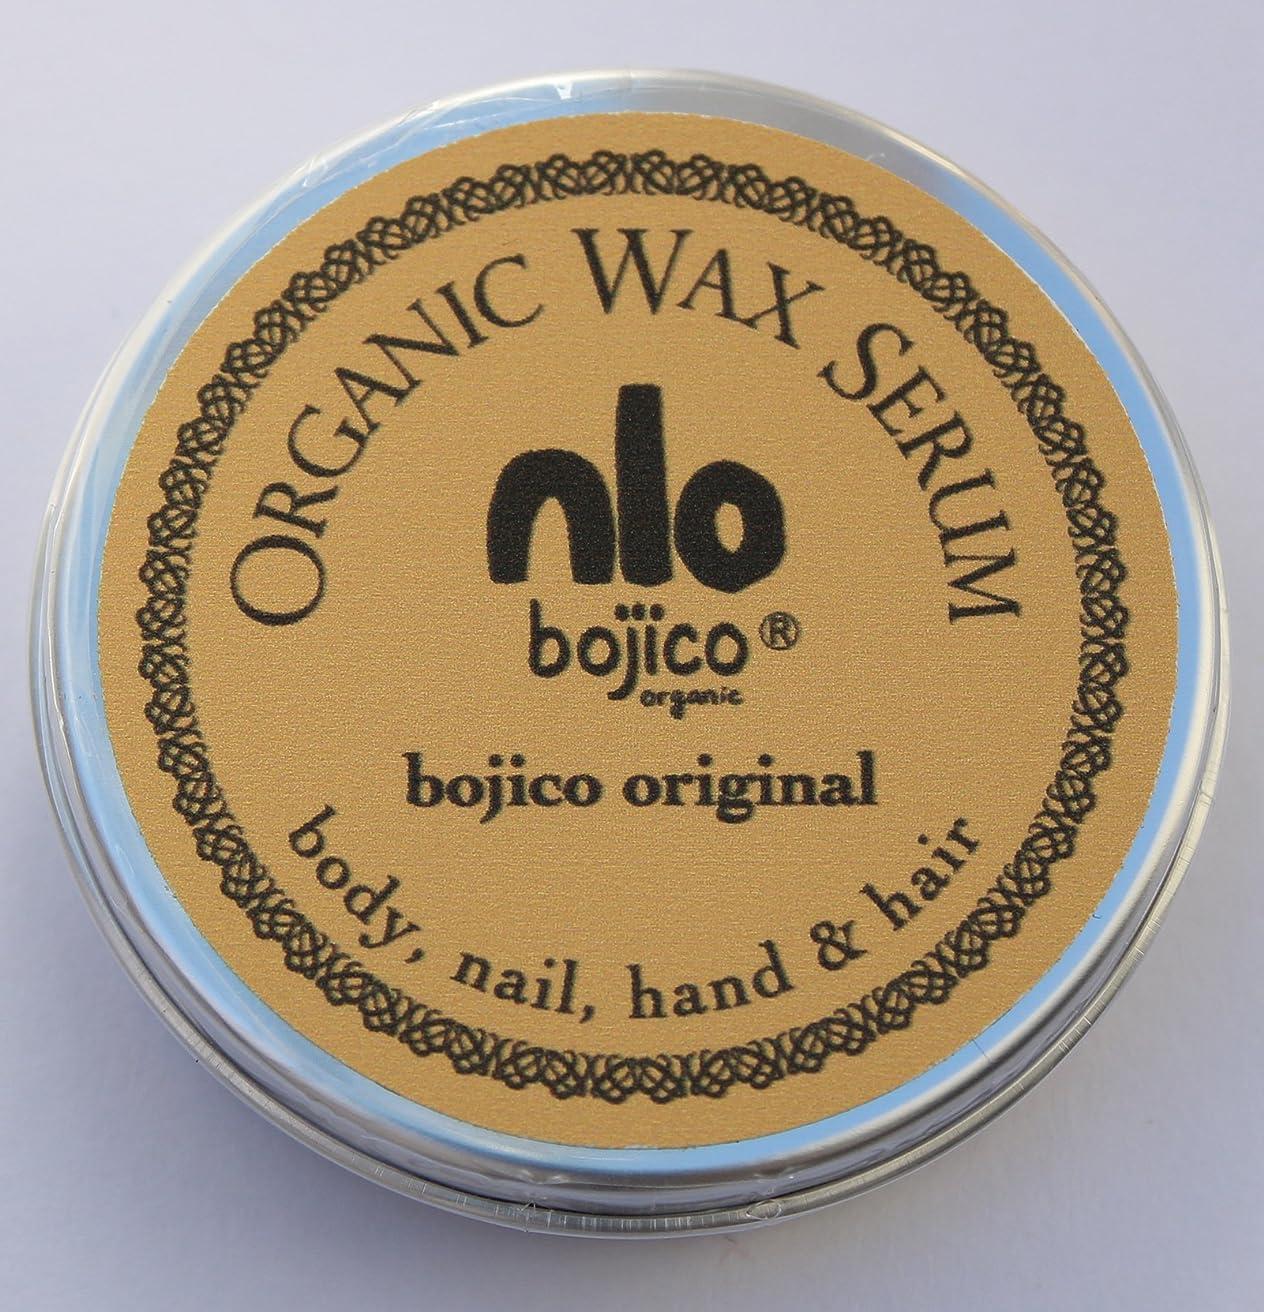 胚ダウンハドルbojico オーガニック ワックス セラム<オリジナル> Organic Wax Serum 40g